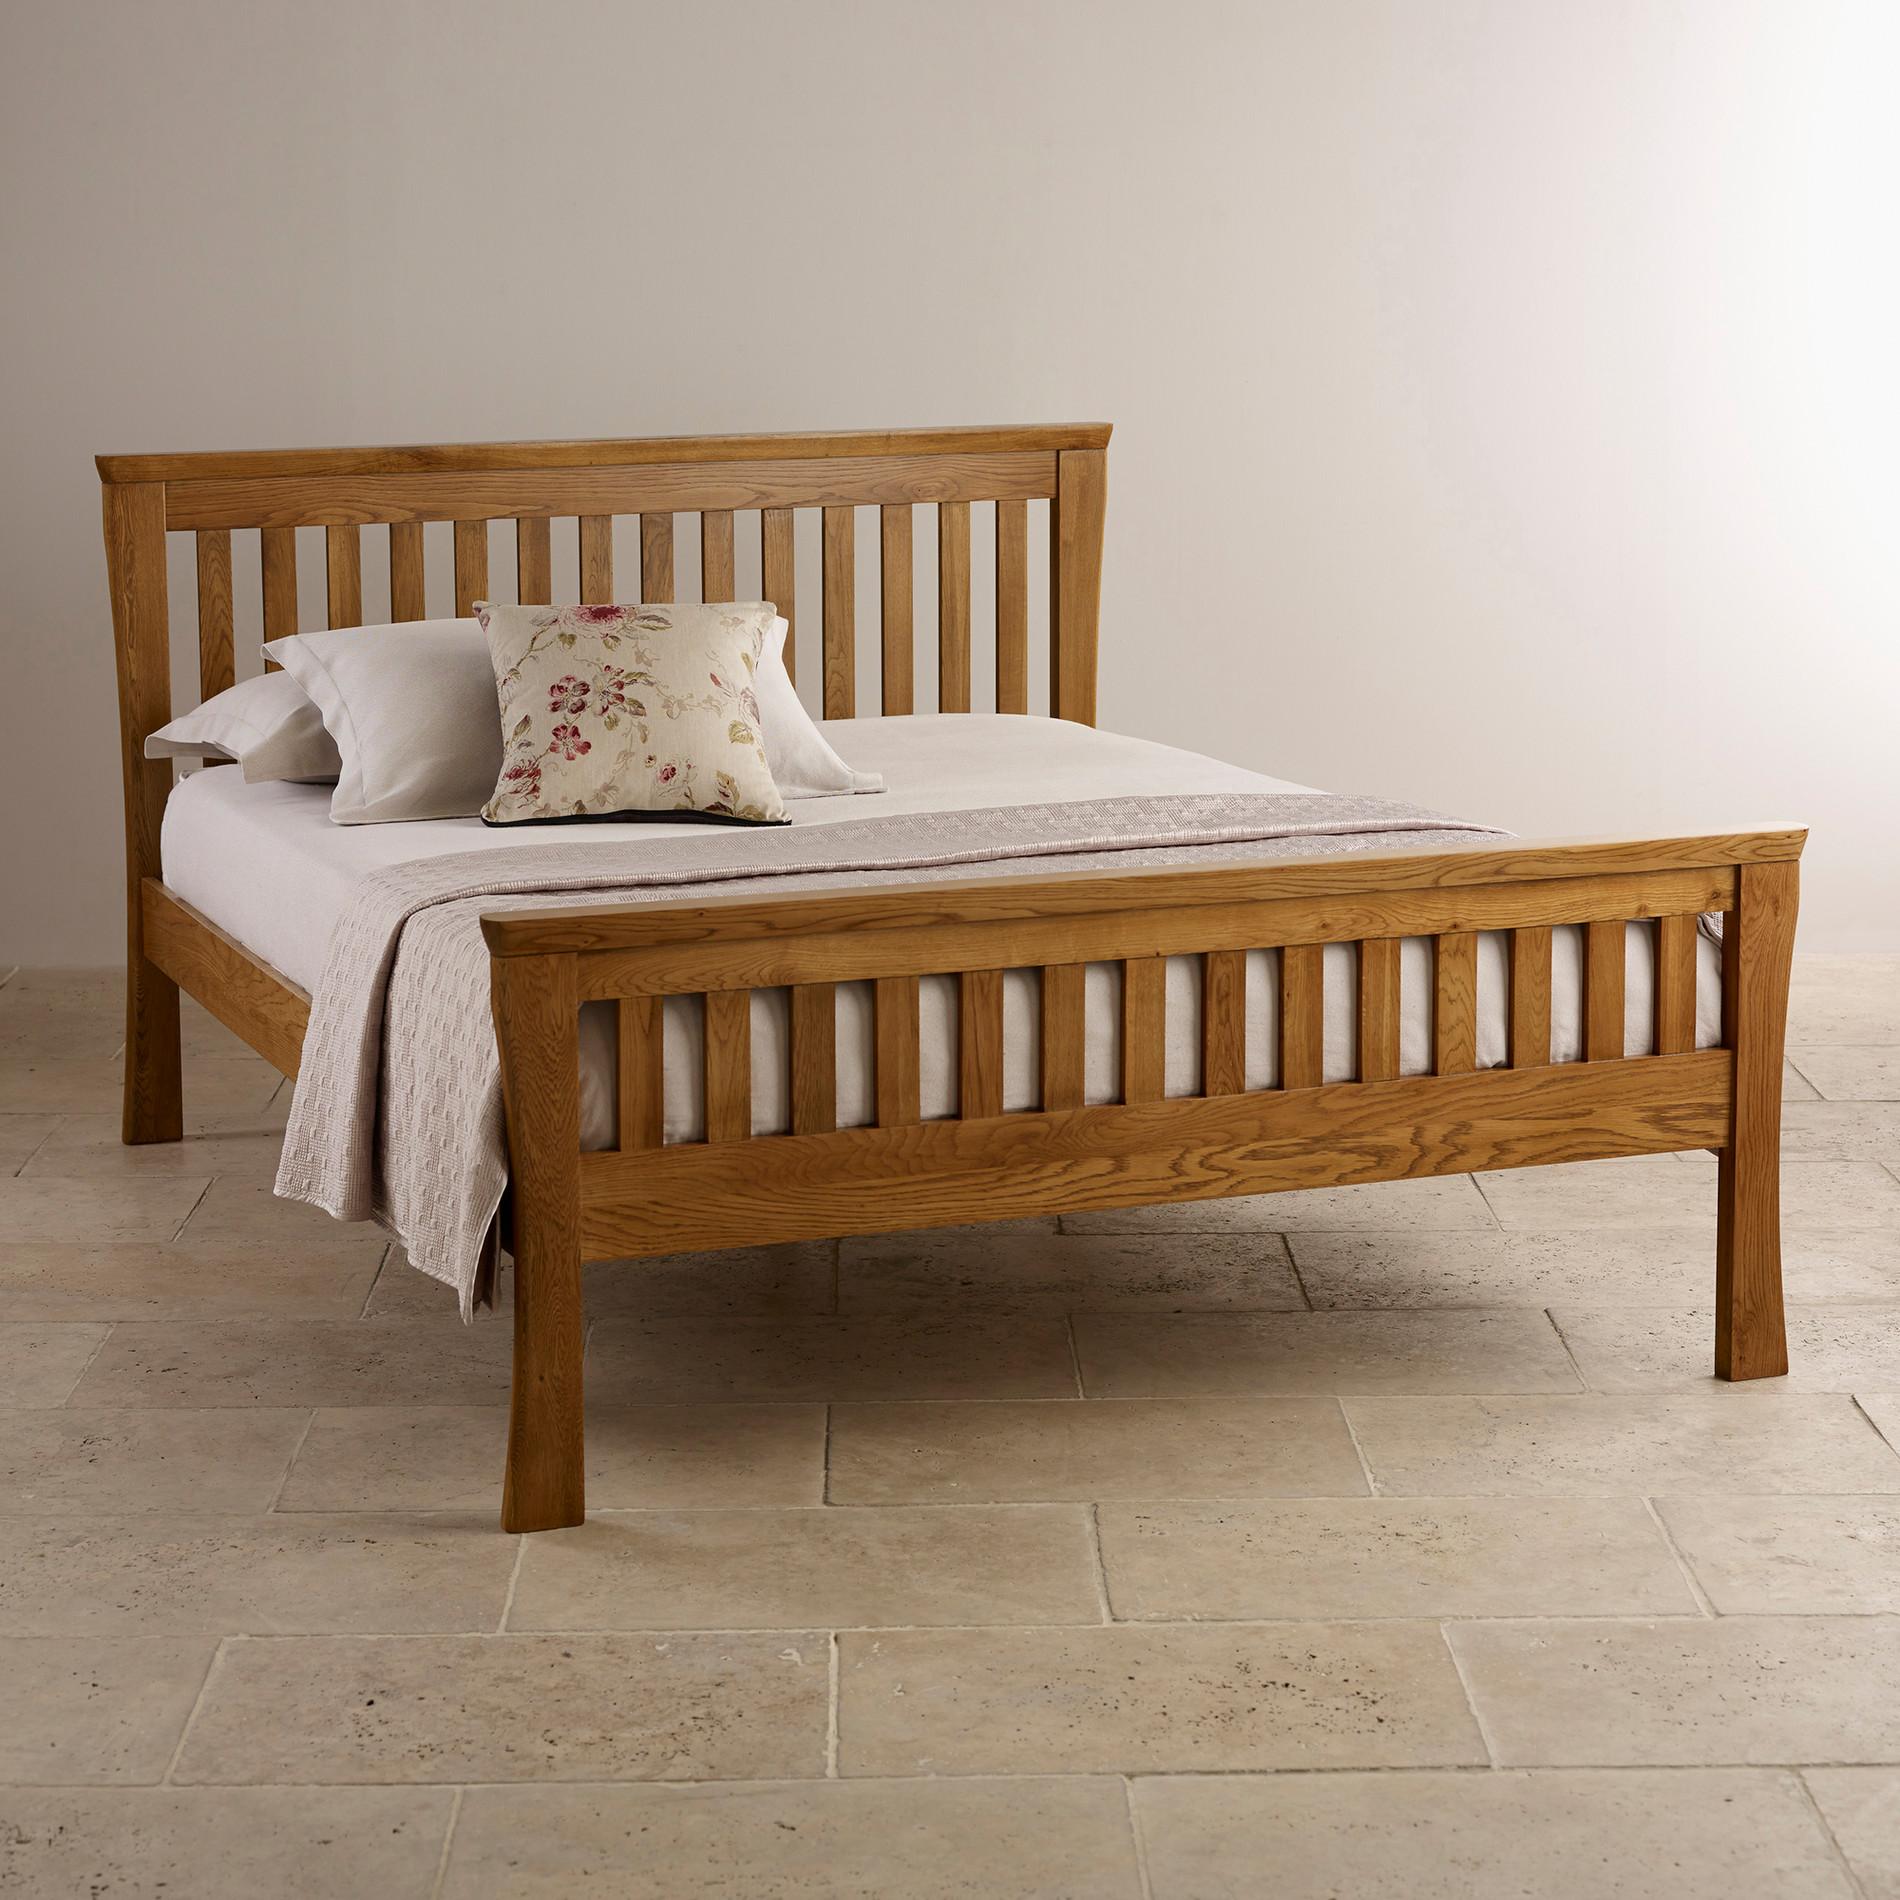 Bedroom Furniture King Size Bed: Orrick Rustic Solid Oak King-Size Bed